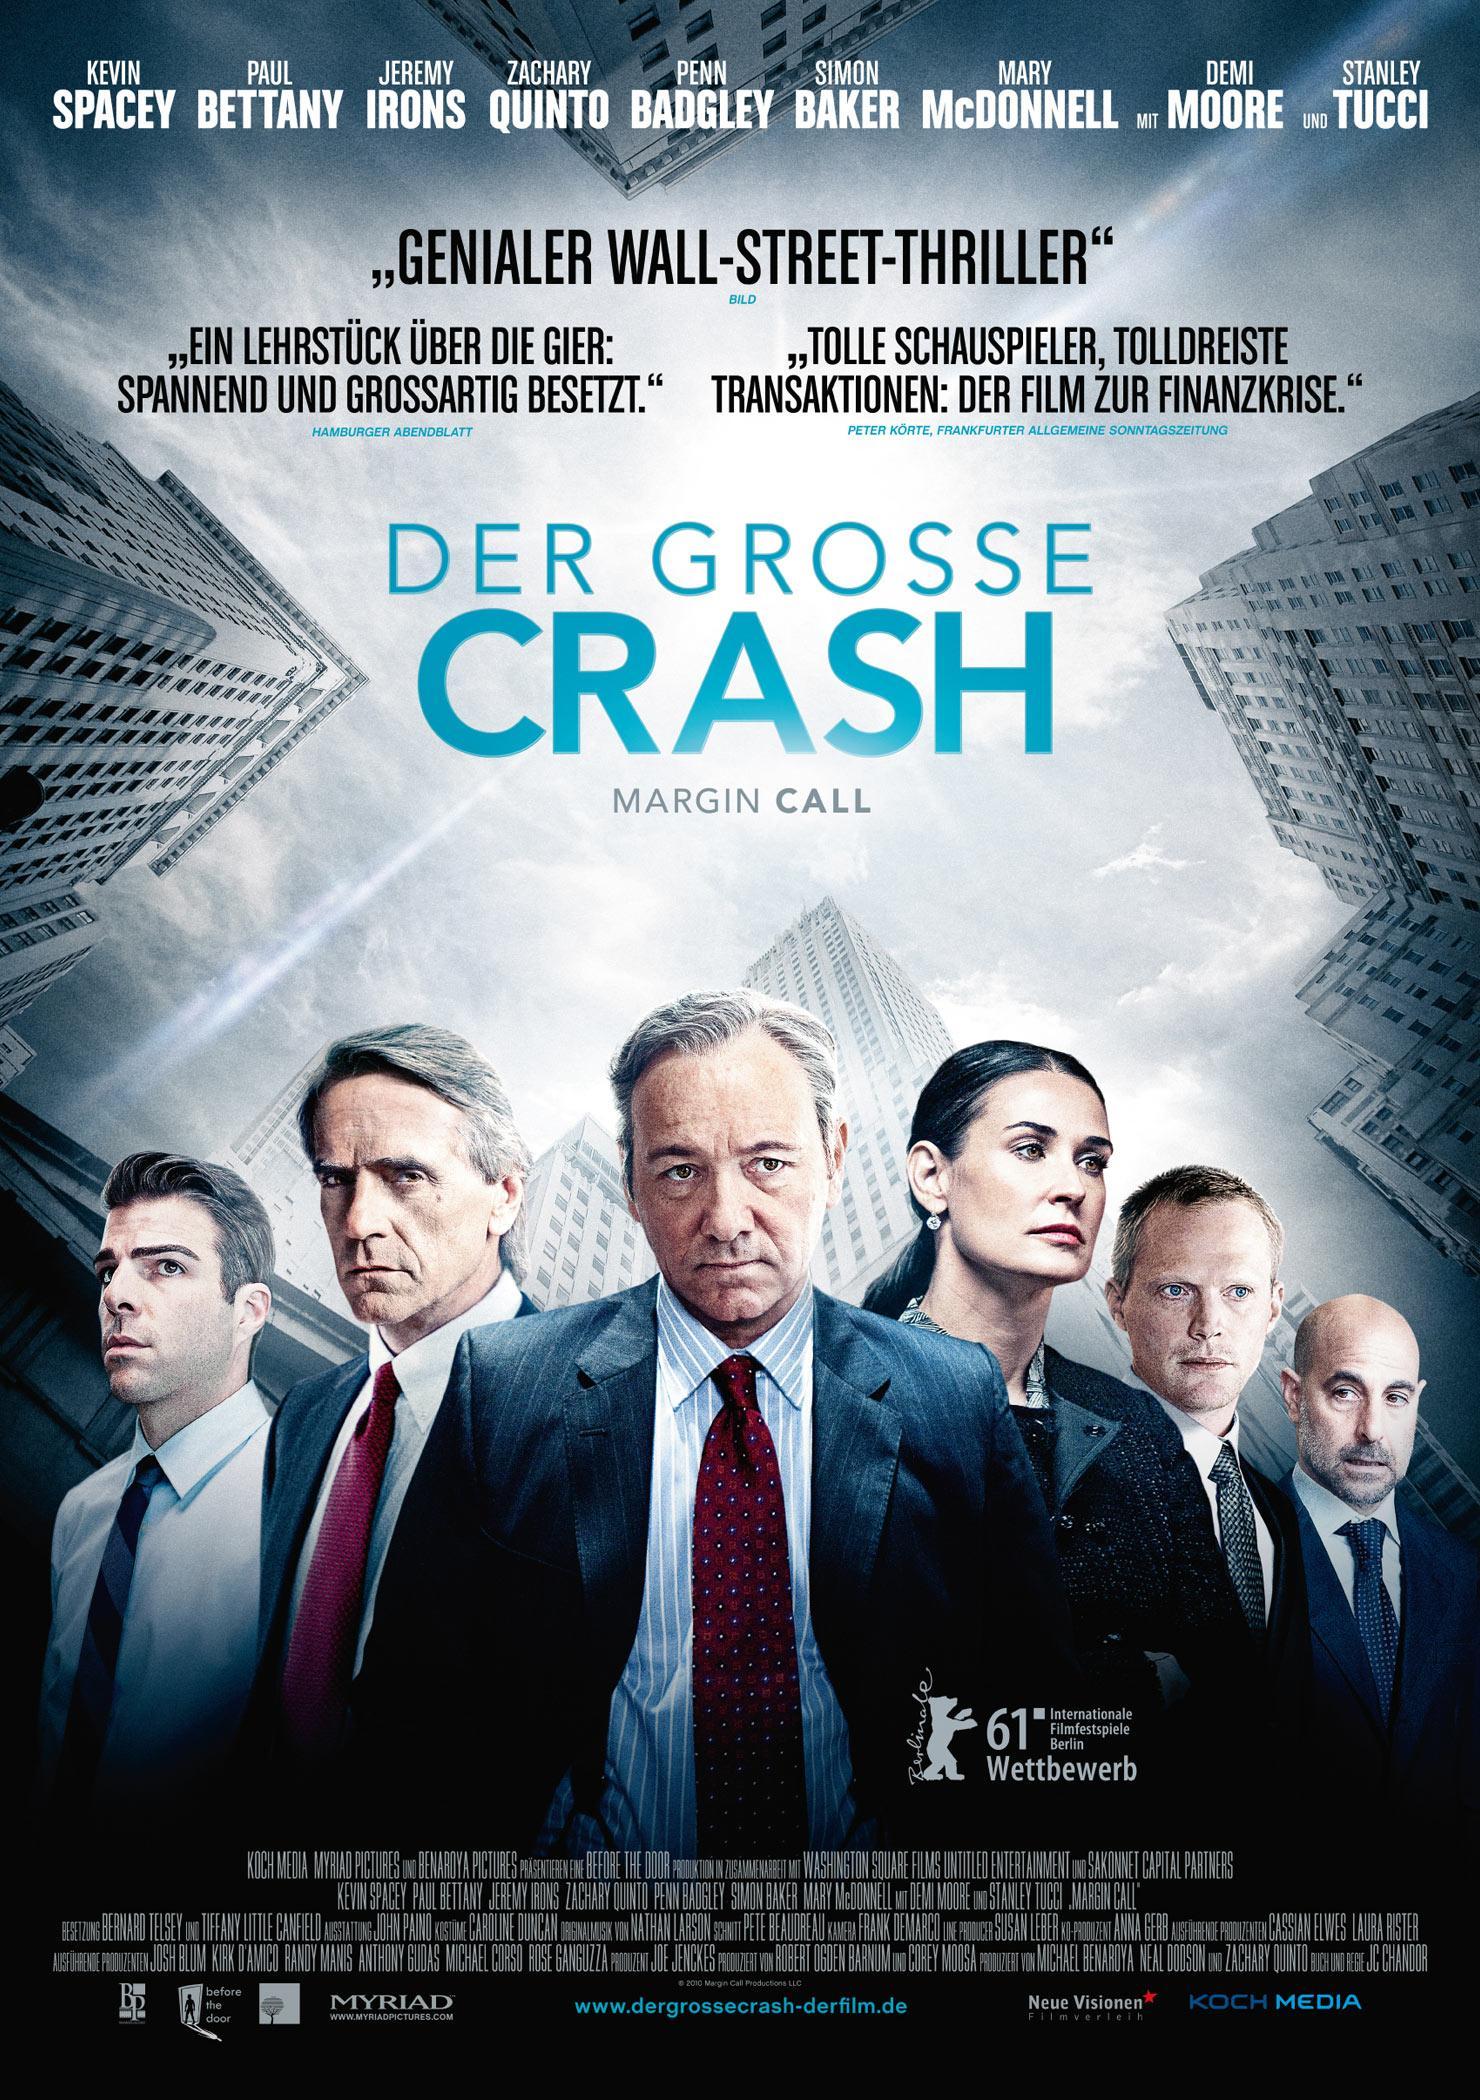 Der große Crash - Margin Call (Poster)